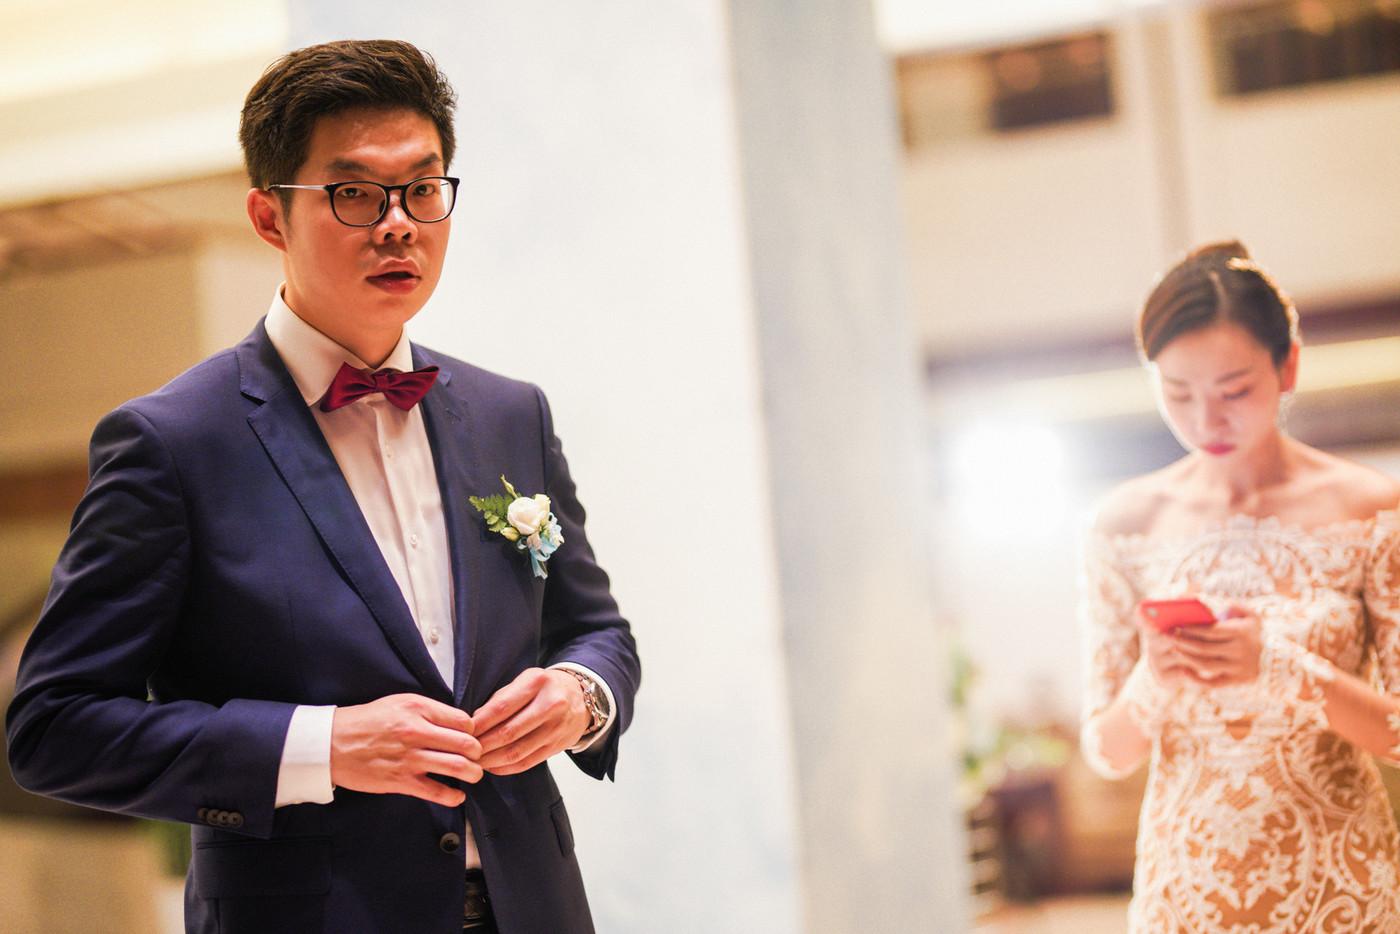 【KAI 婚礼纪实】P&S 南京婚礼49